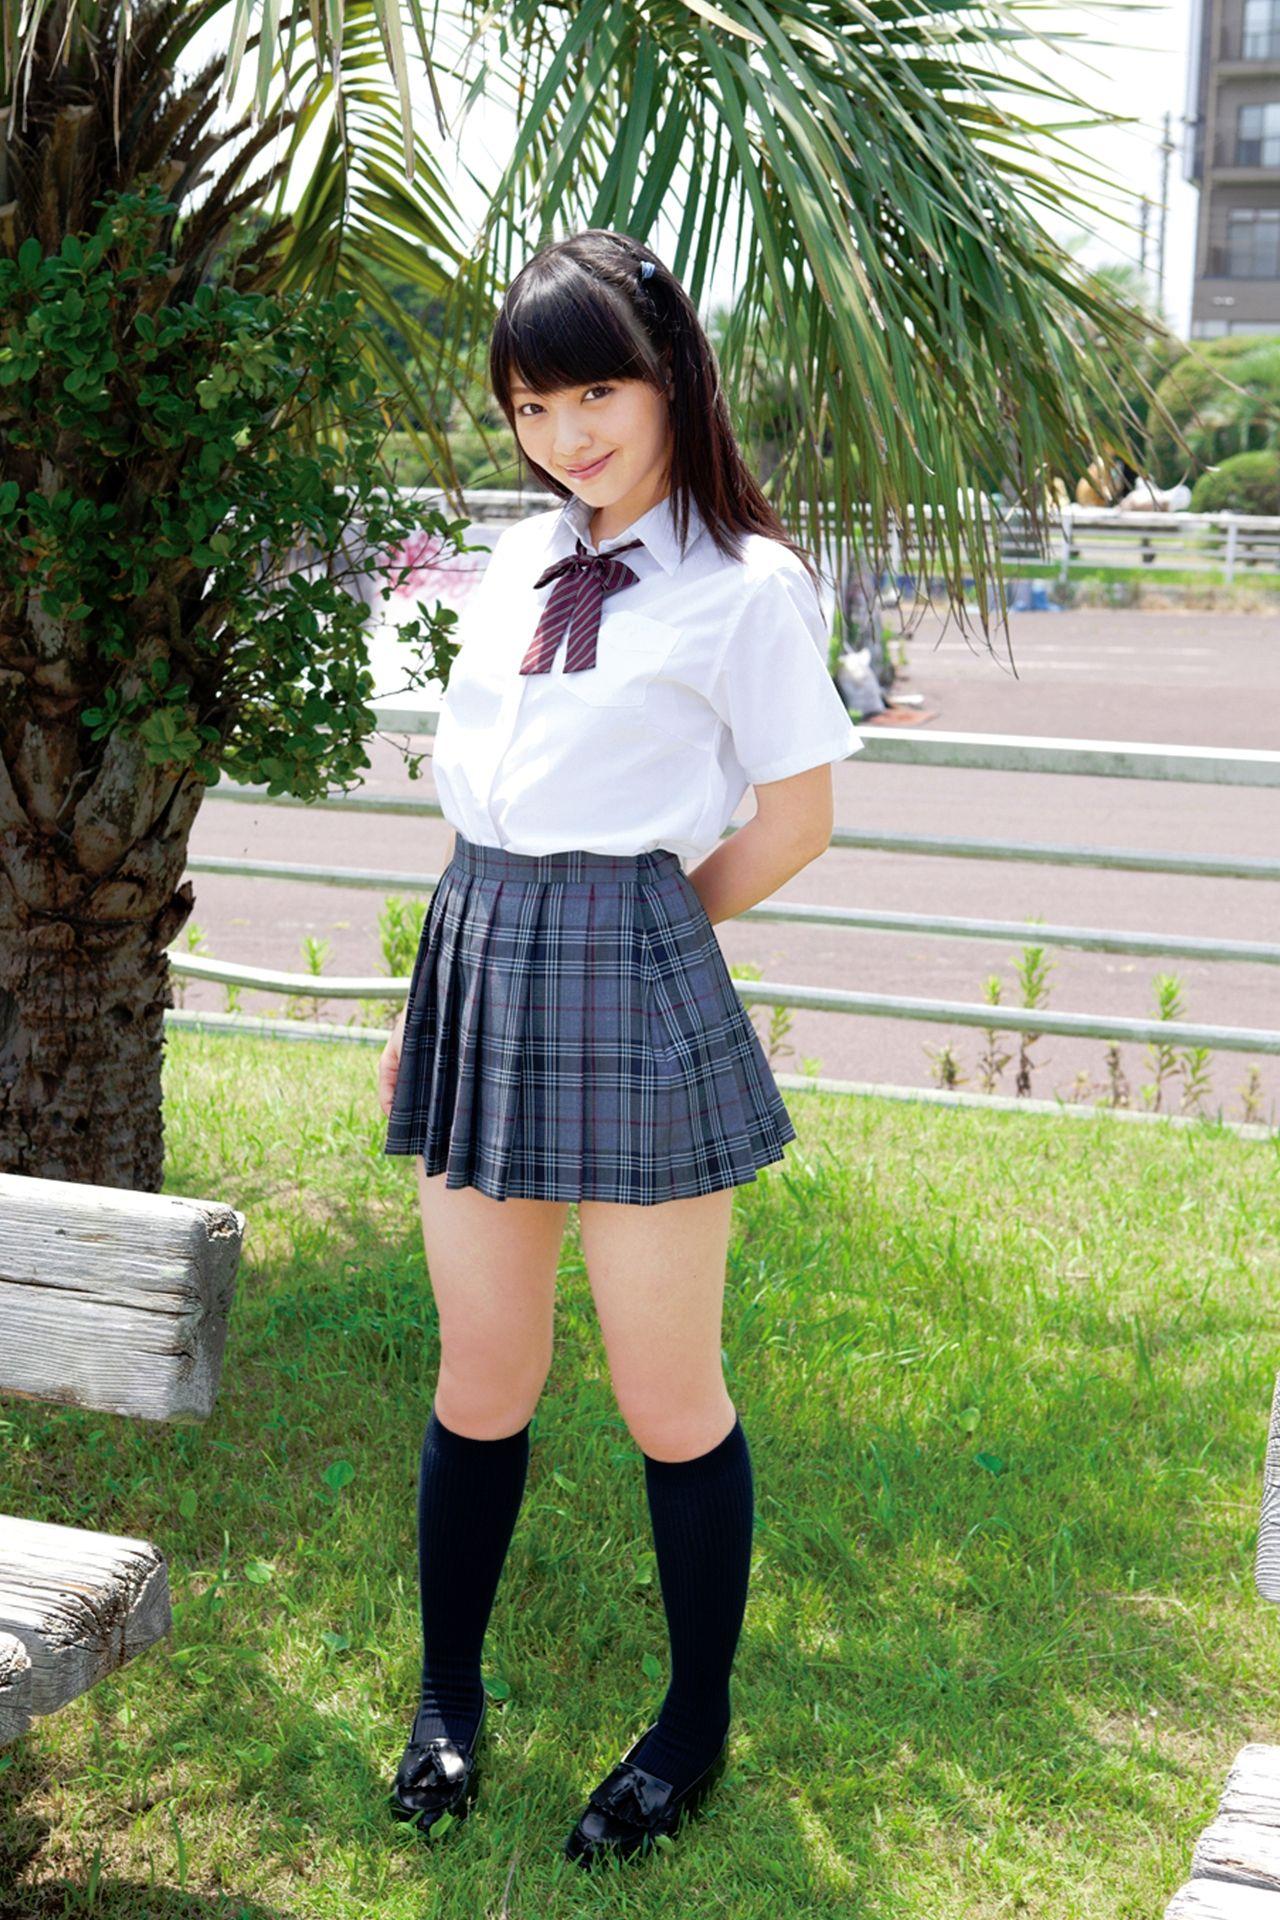 安藤遥の女子高生・制服グラビアまとめ 画像62枚 | 高校生 | Pinterest | Jap